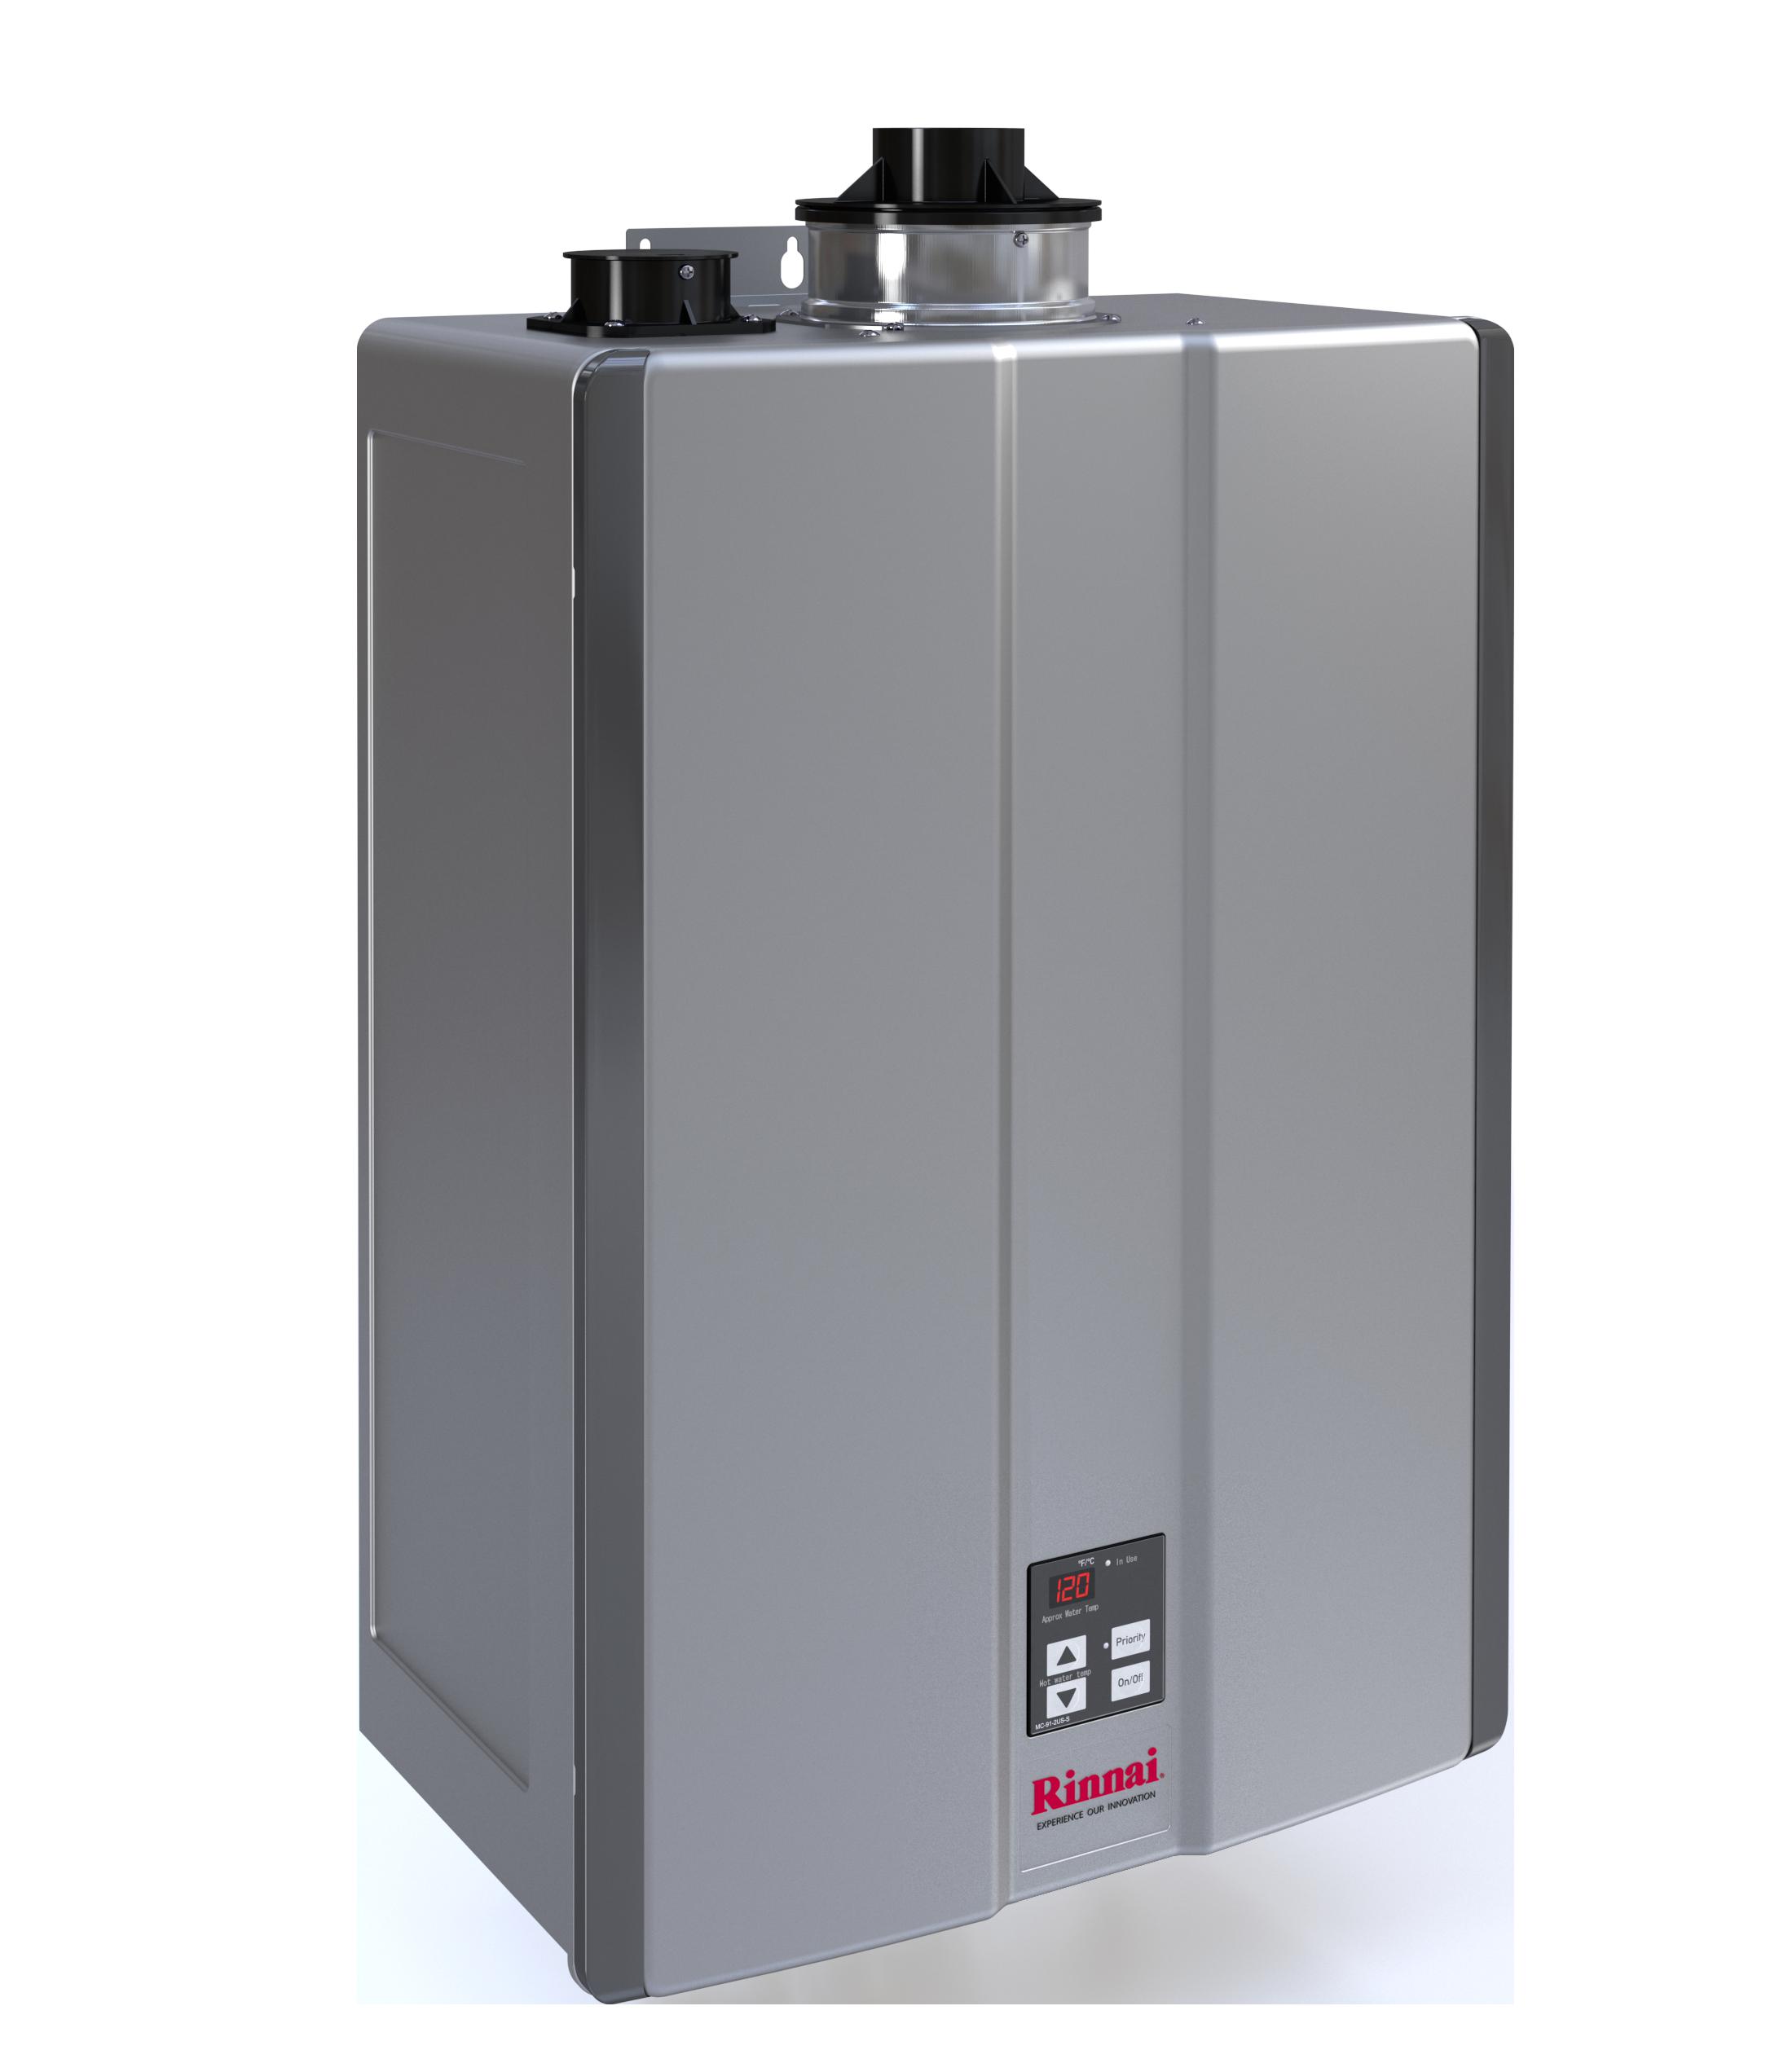 Ru160ip Tankless Water Heater Rinnai America